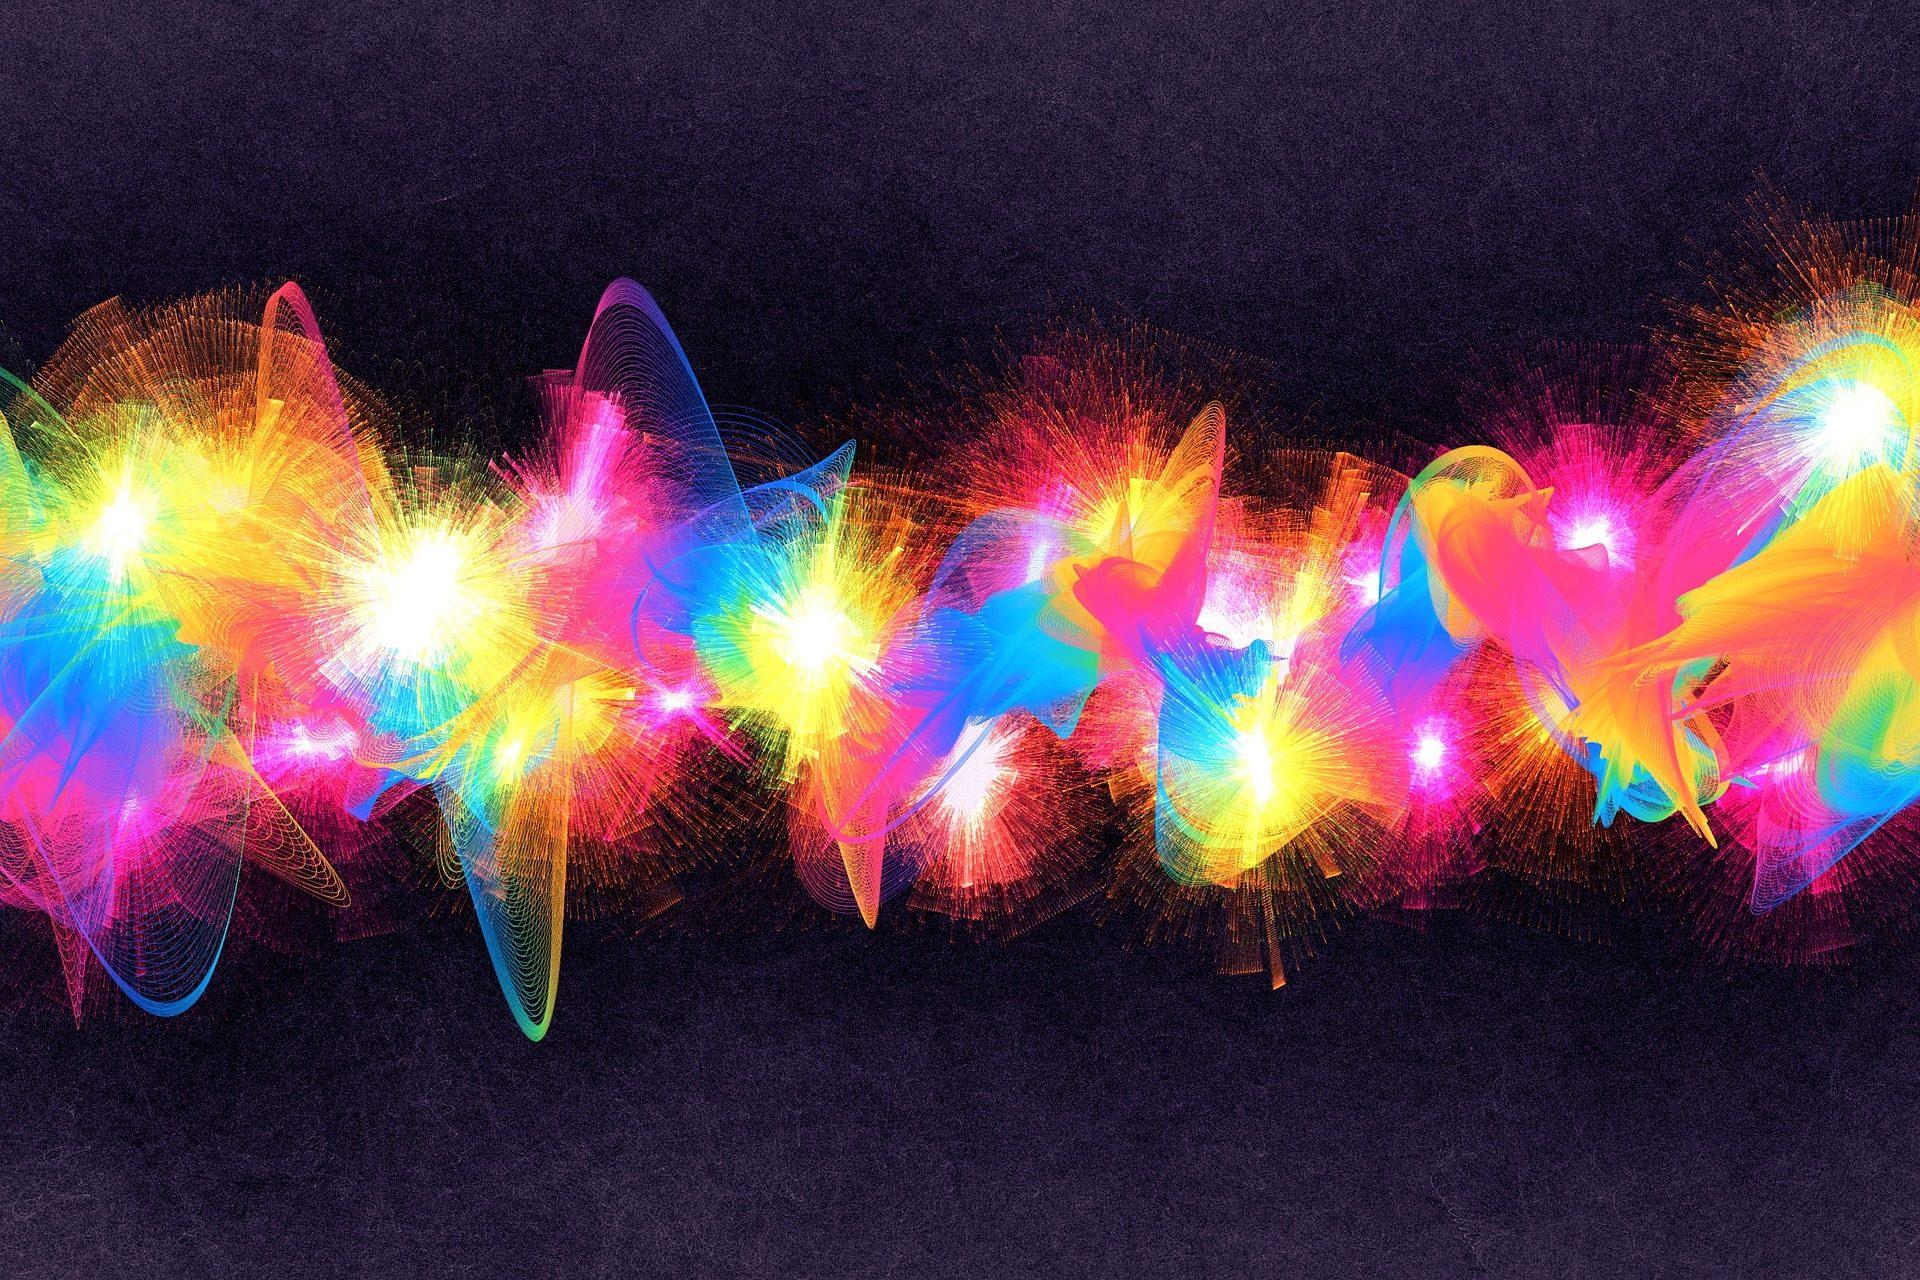 κύματα, πολύχρωμο, φωτοστέφανα, φώτα, ανταύγιες - Wallpapers HD - Professor-falken.com